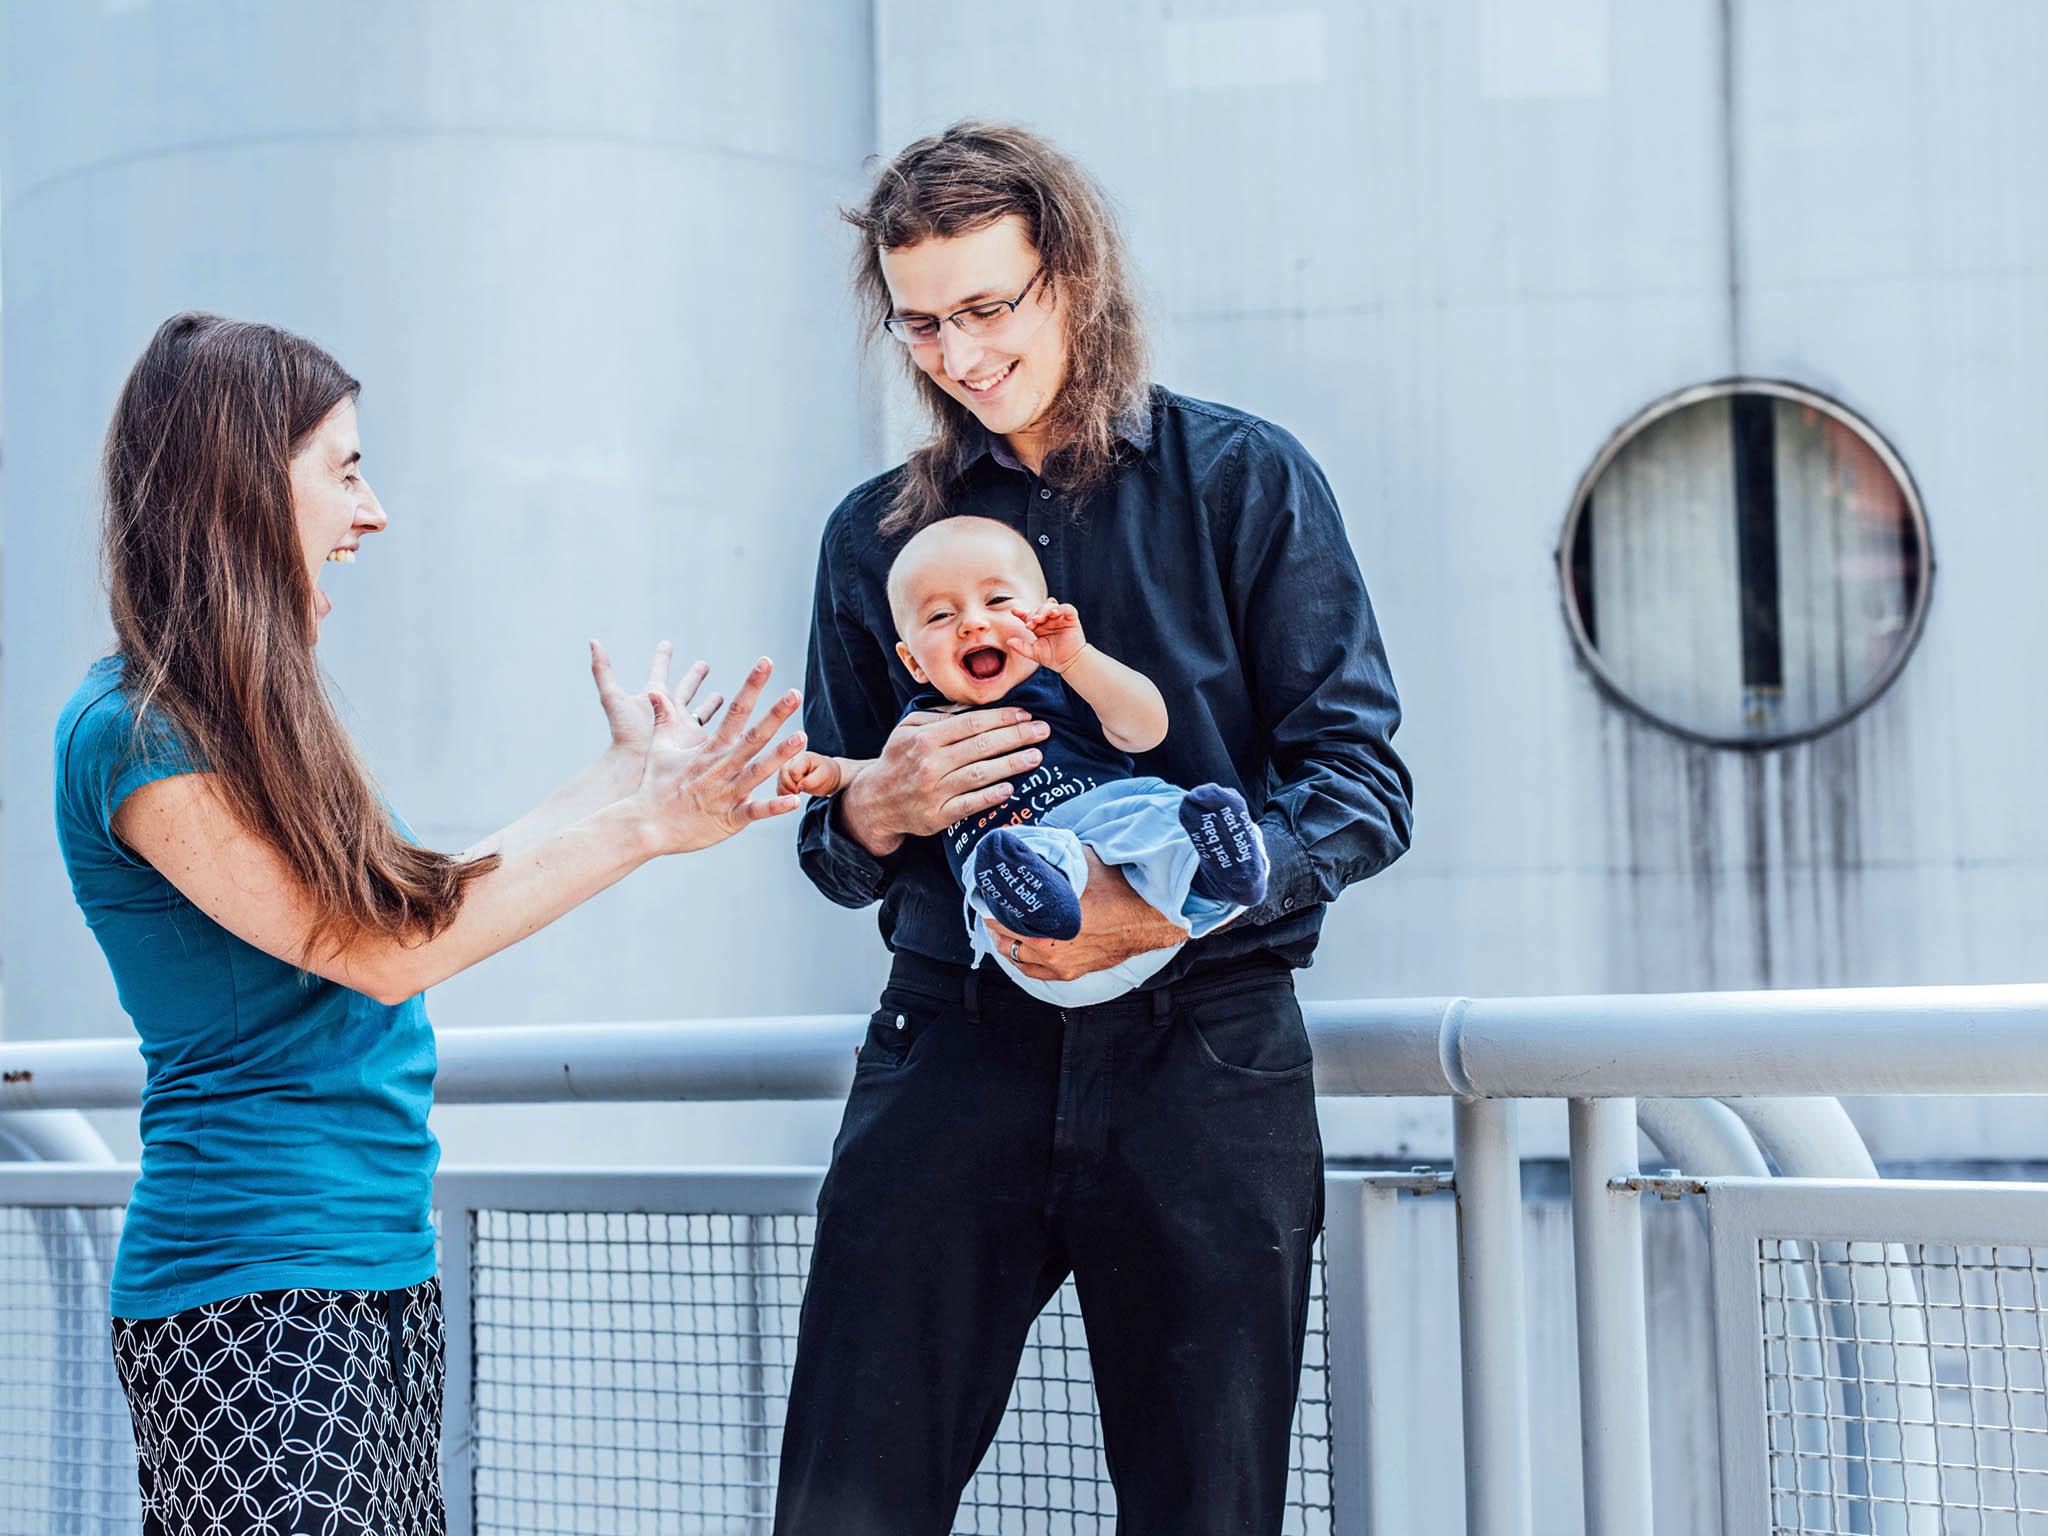 Manželé Tomkovi teď naOxfordu dělí čas mezi vědu asyna, který se jim vAnglii narodil.